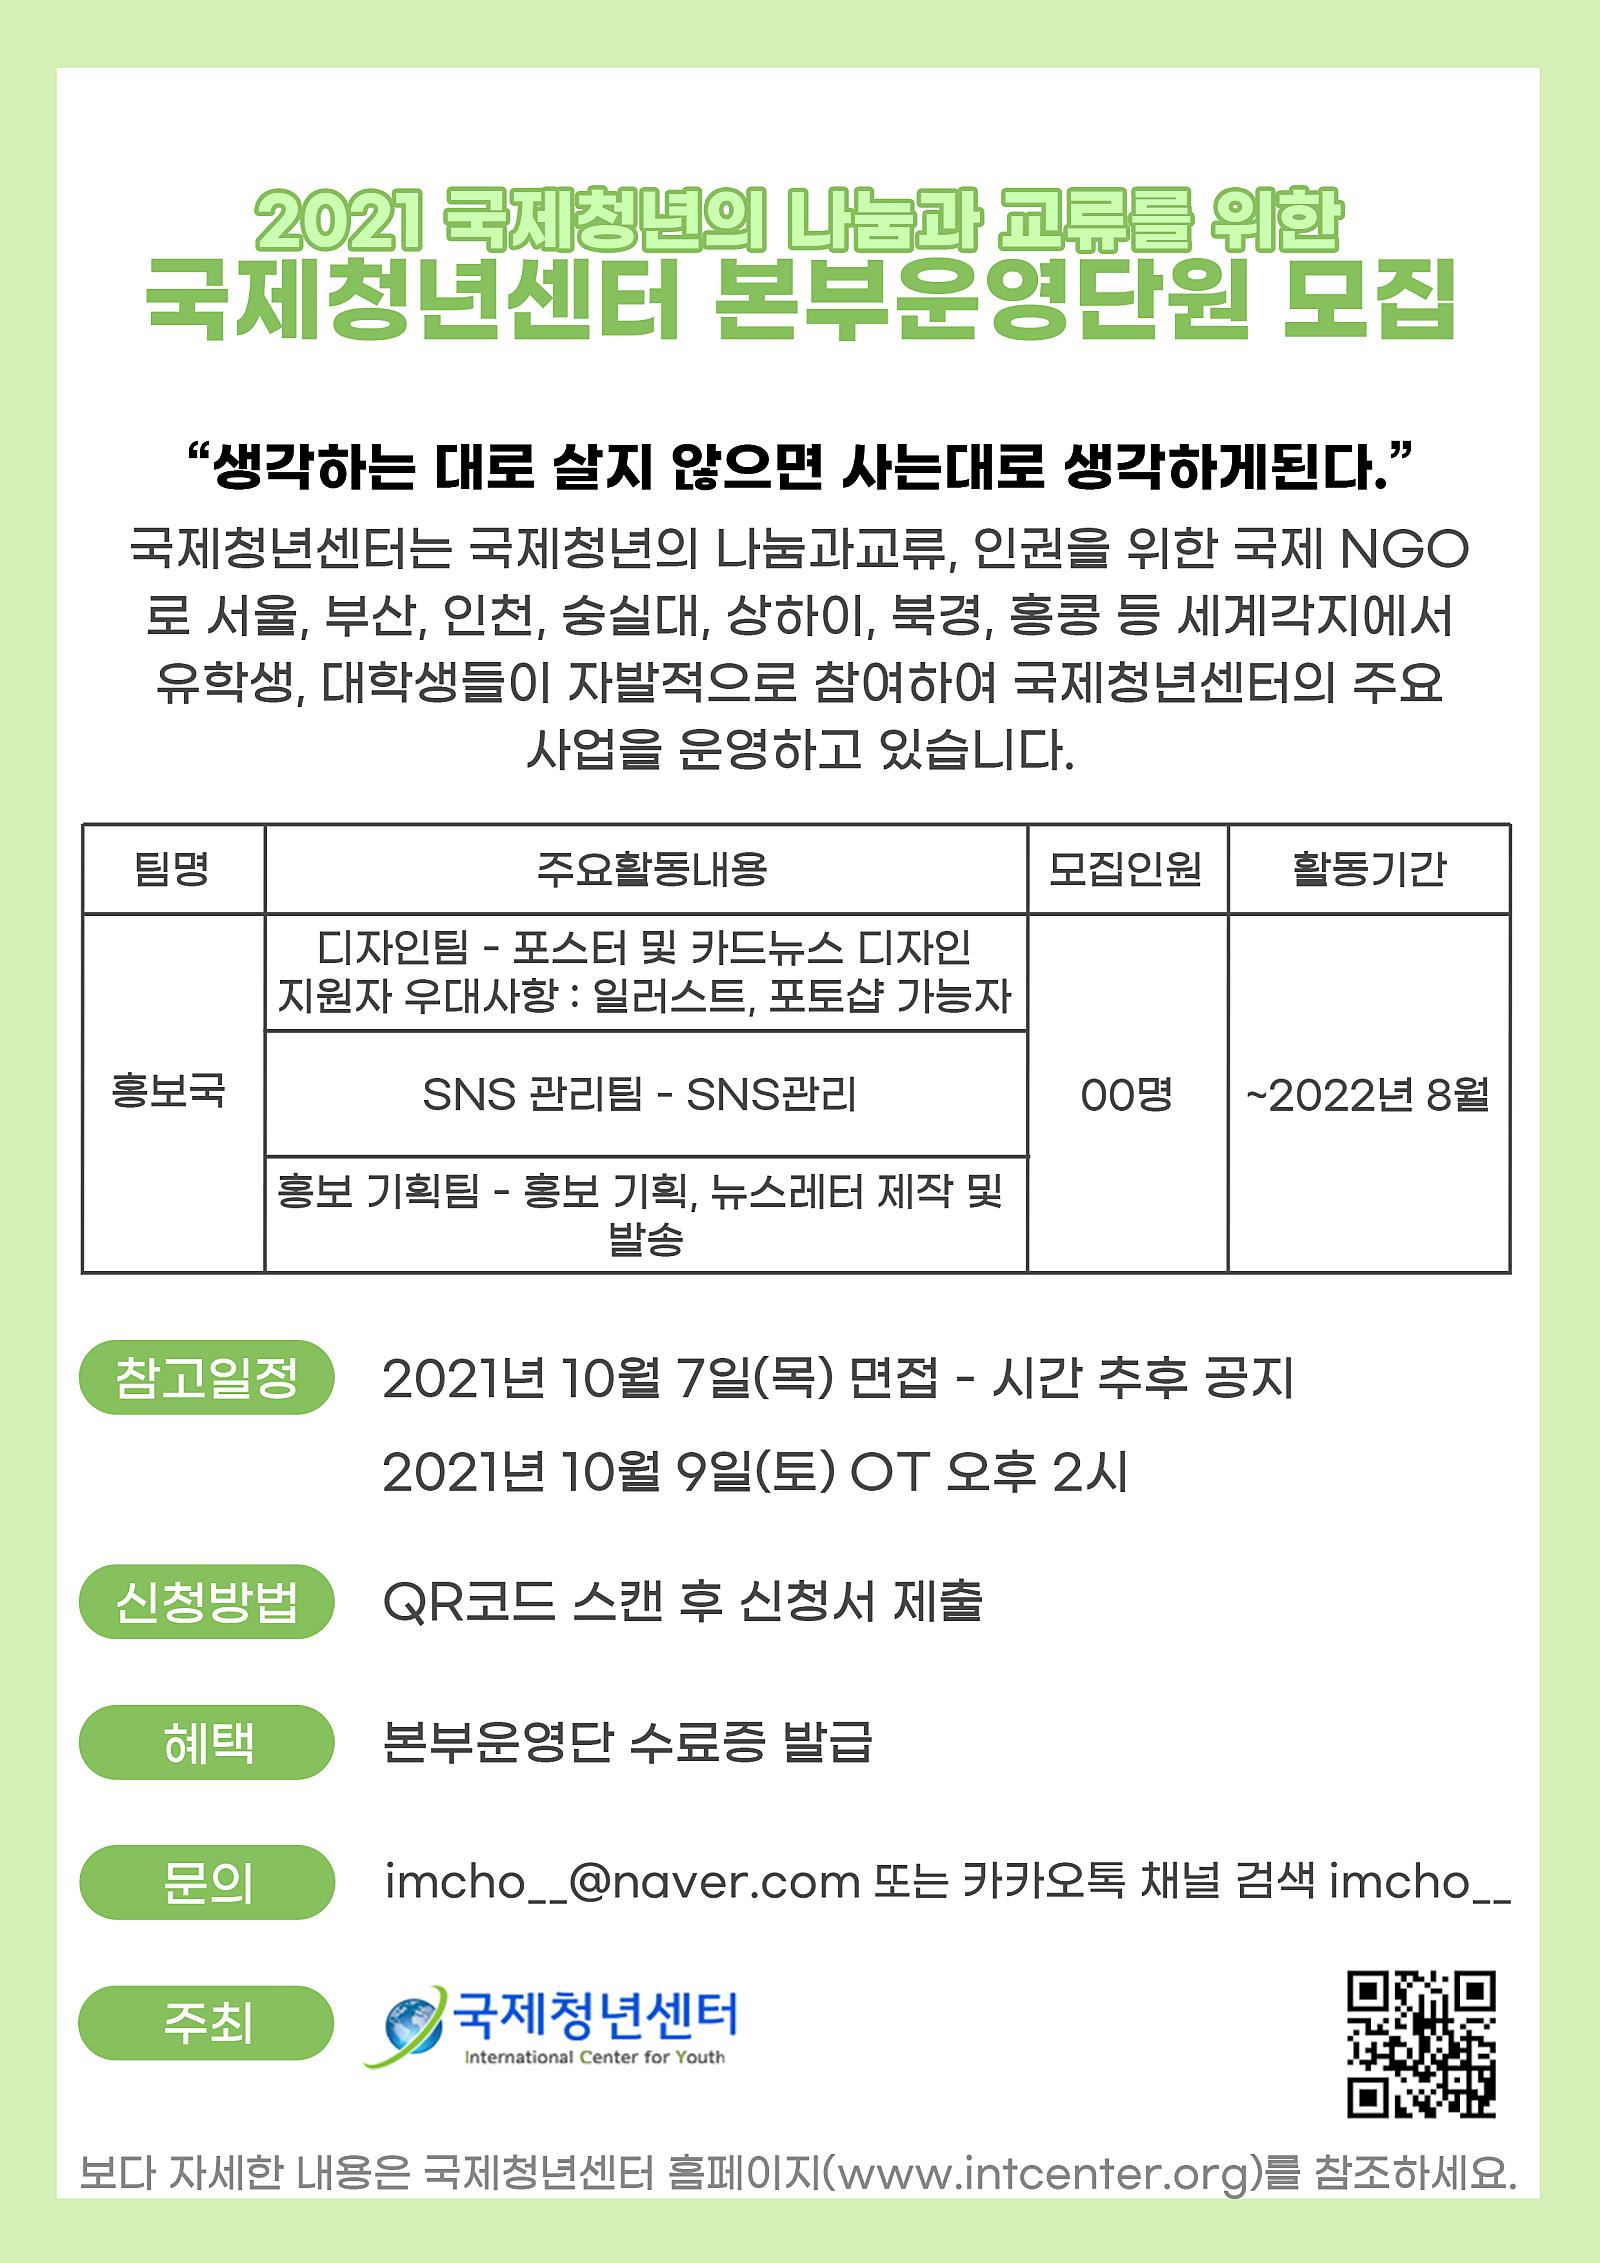 국제청년센터 본부 홍보국원 추가 모집(~10/3)